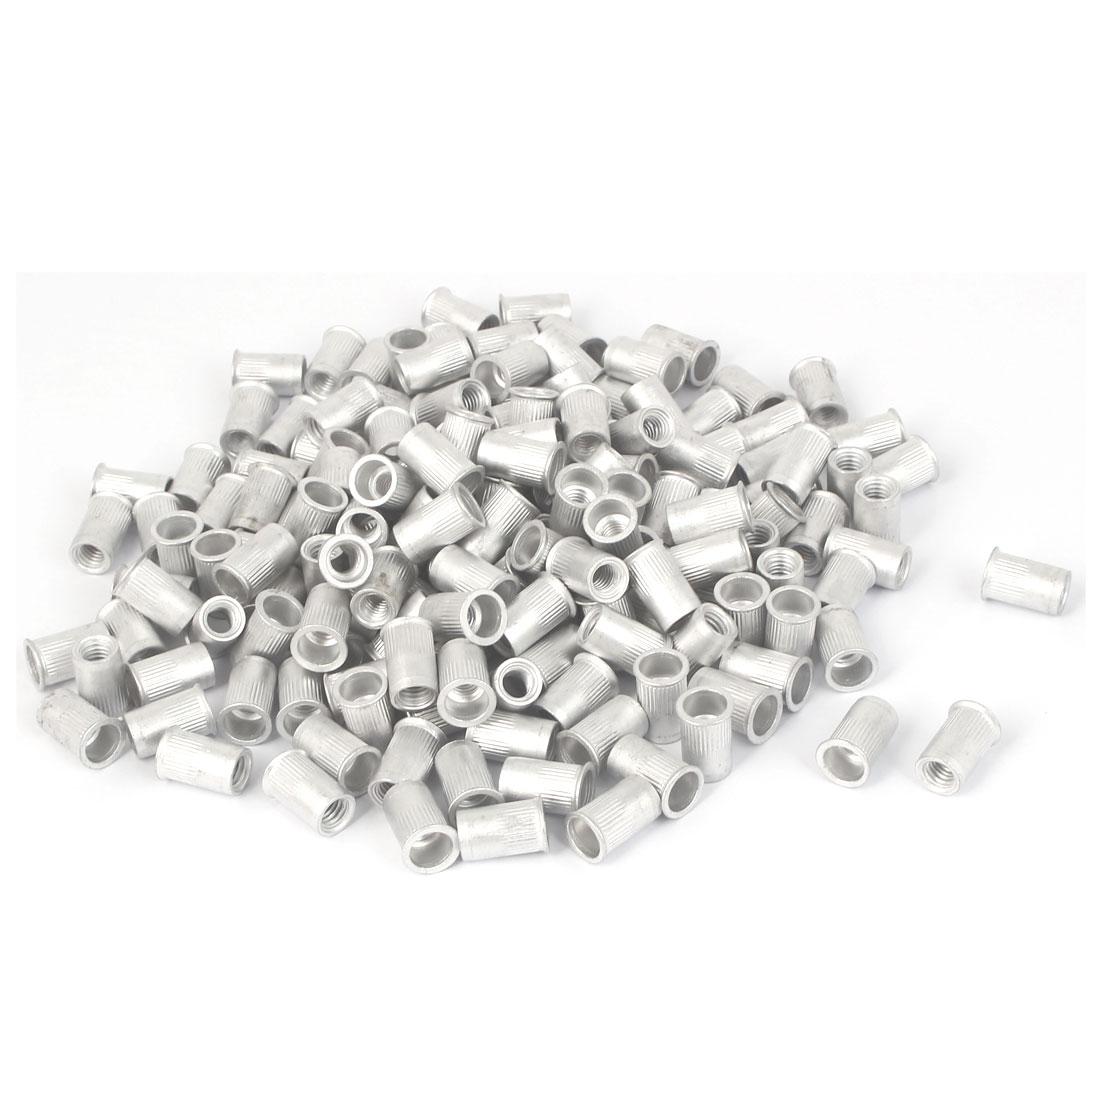 M6x15mm Aluminum Straight Knurled Reduced Head Rivet Nut 200pcs